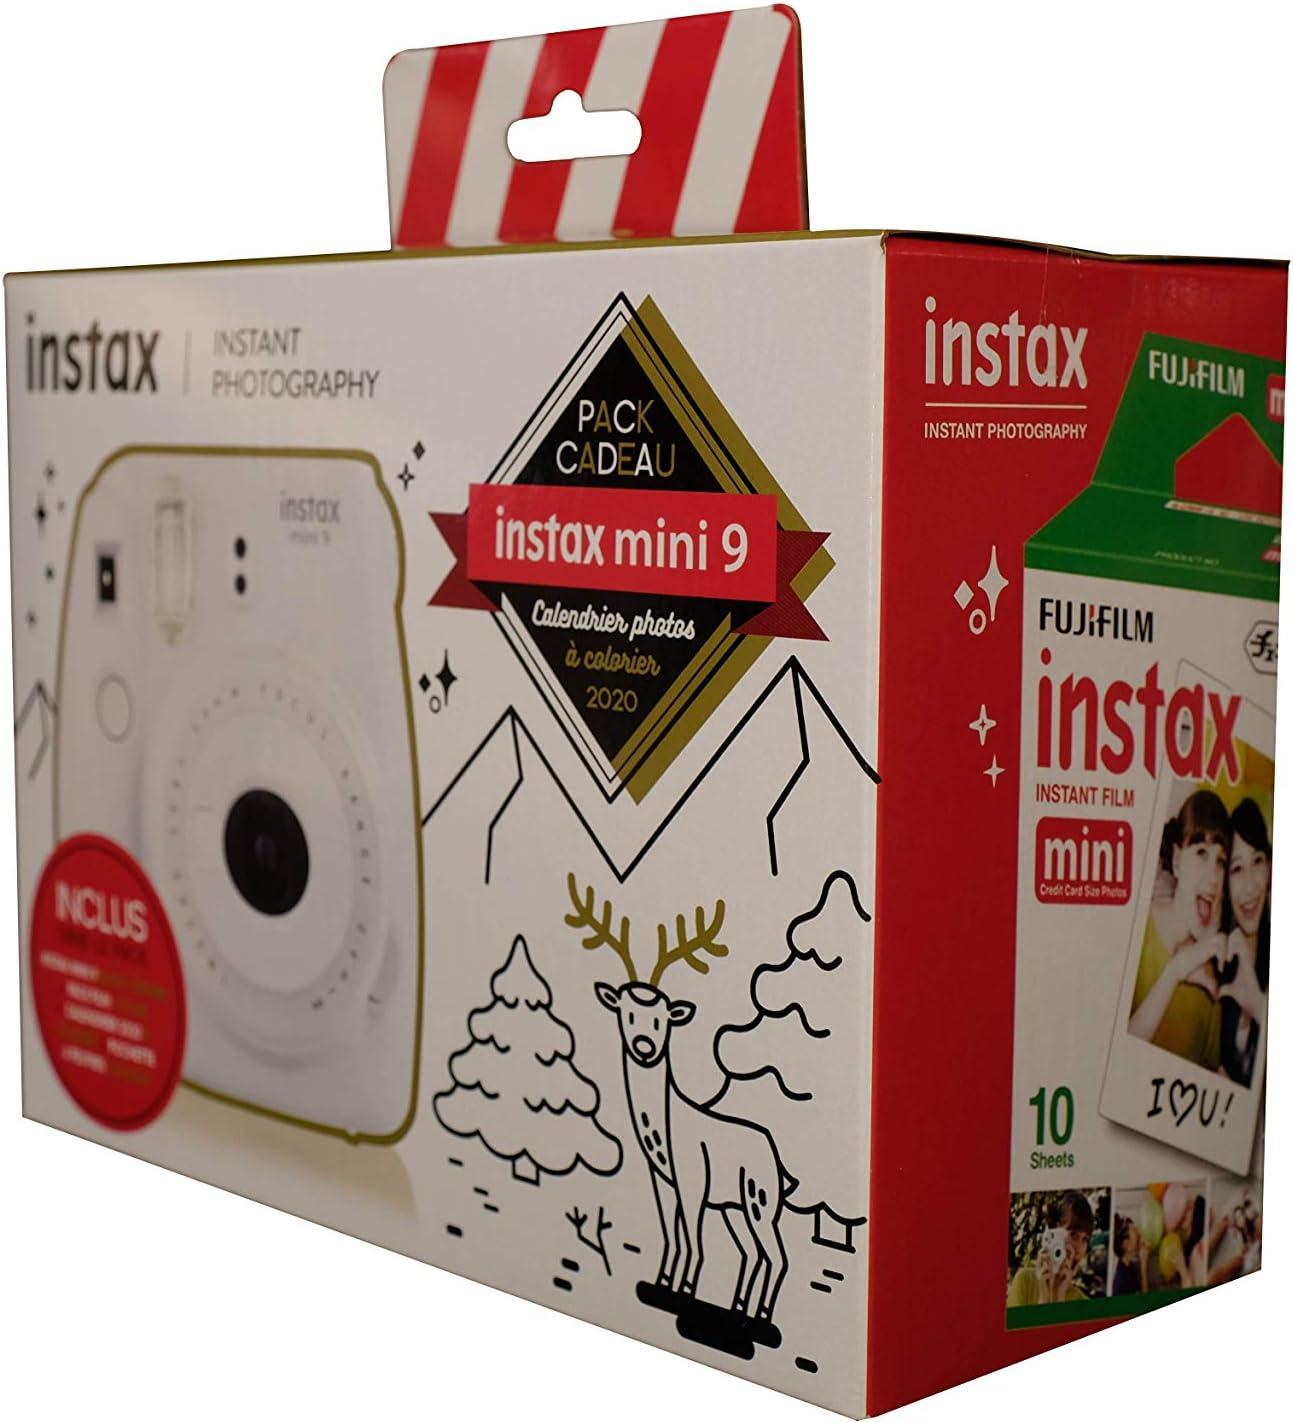 Pack Regalo Calendario de Fotos 2020 para Colorear, Incluye 1 Instax Mini 9 Blanco Ceniza, 1 Paquete de película Mini 10 Vistas, 1 Calendario para Colorear 2020 y 1 Funda de 4 rotuladores de Colores.: Amazon.es: Electrónica